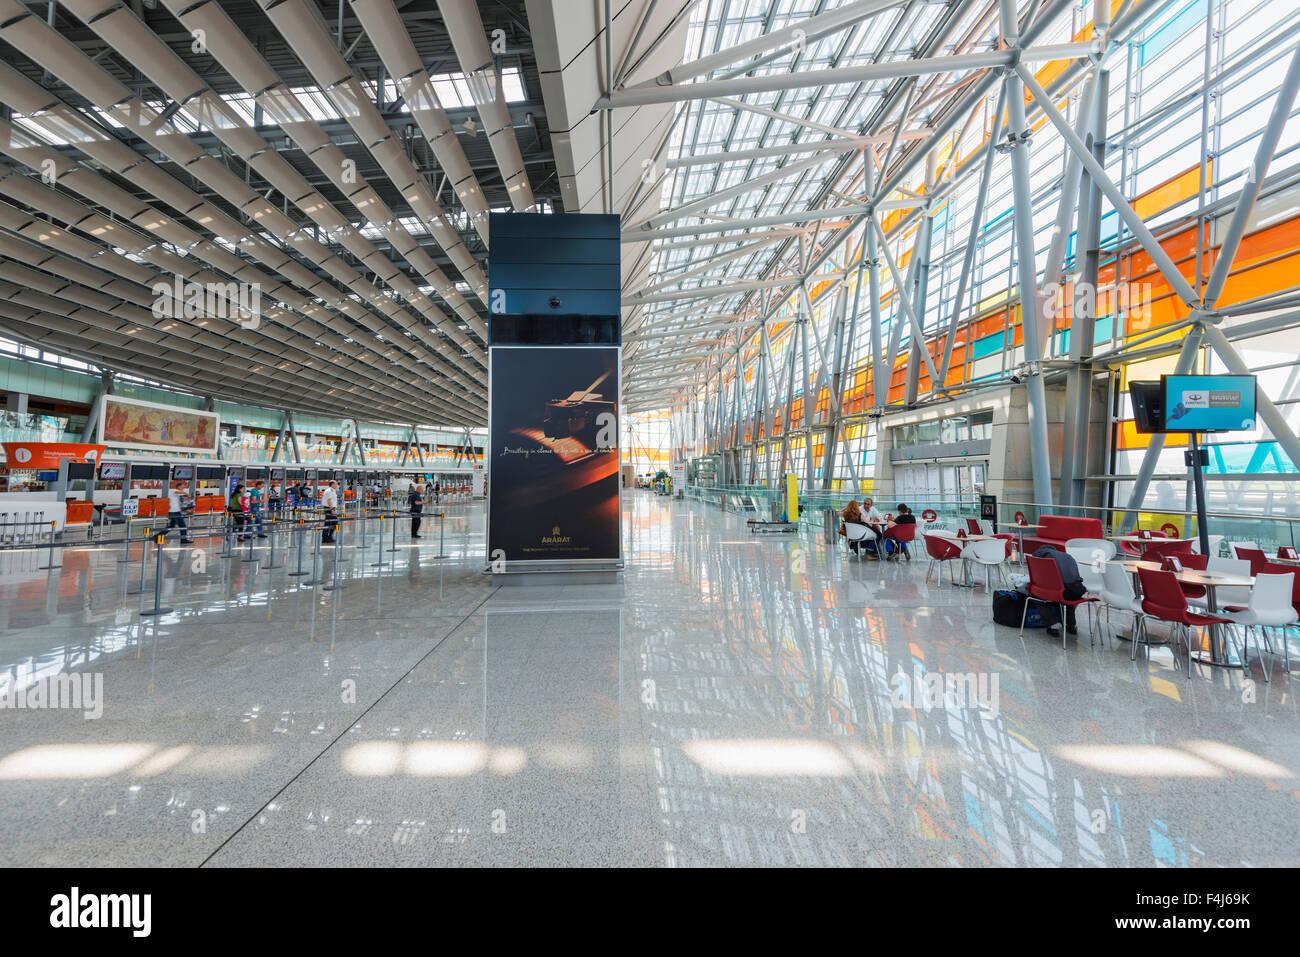 Zone de départ, l'Aéroport International de Zvartnots, Erevan, Arménie, Caucase, Asie centrale, Photo Stock